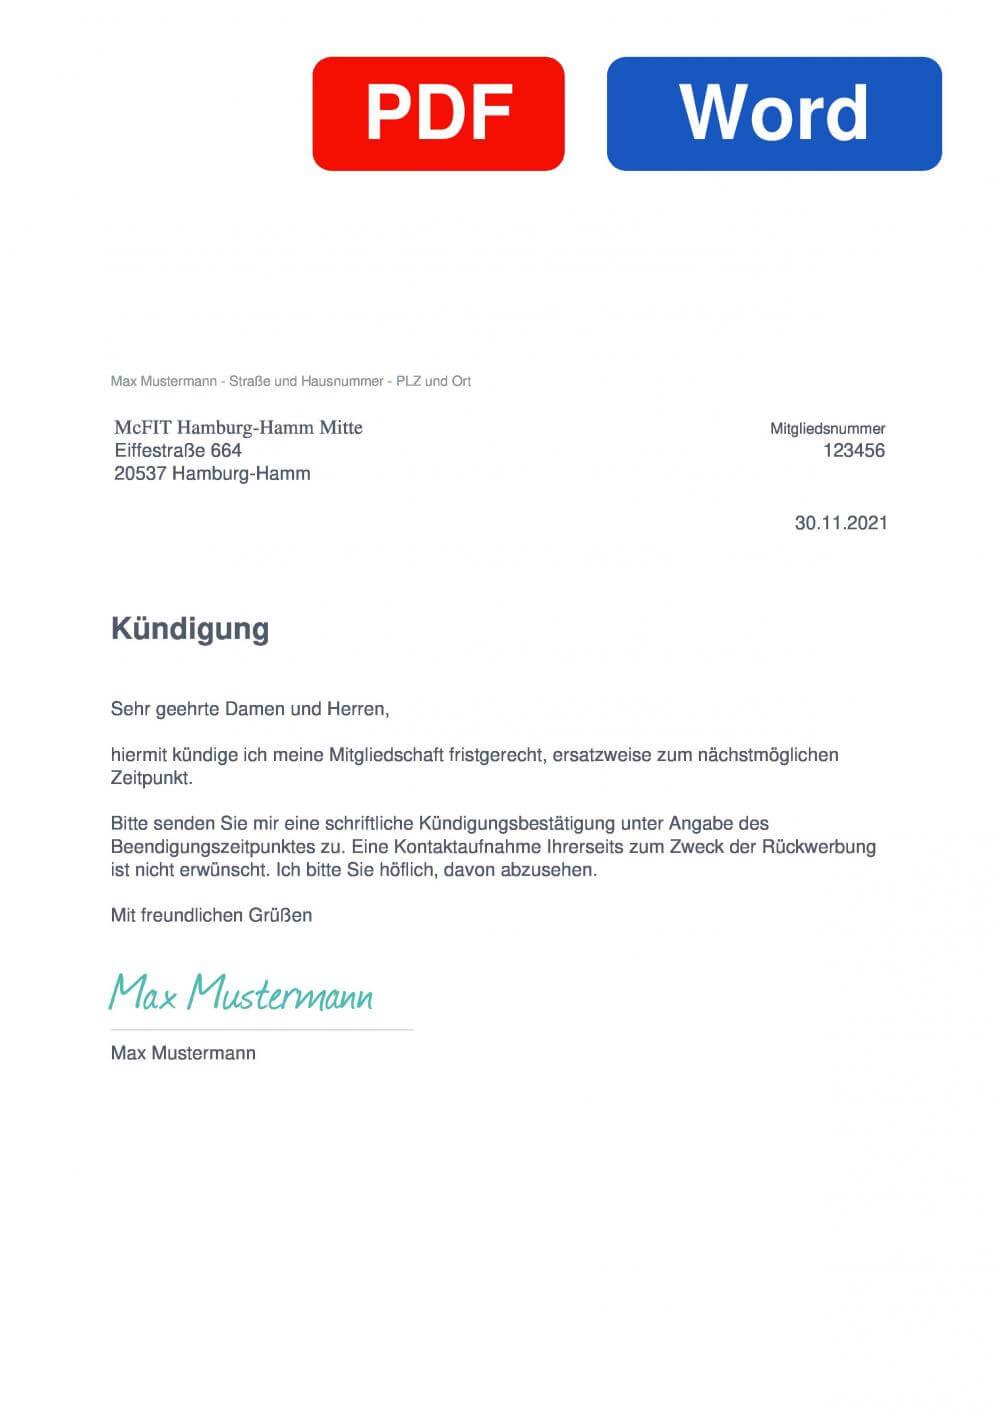 McFIT Hamburg-Hamm Mitte Muster Vorlage für Kündigungsschreiben